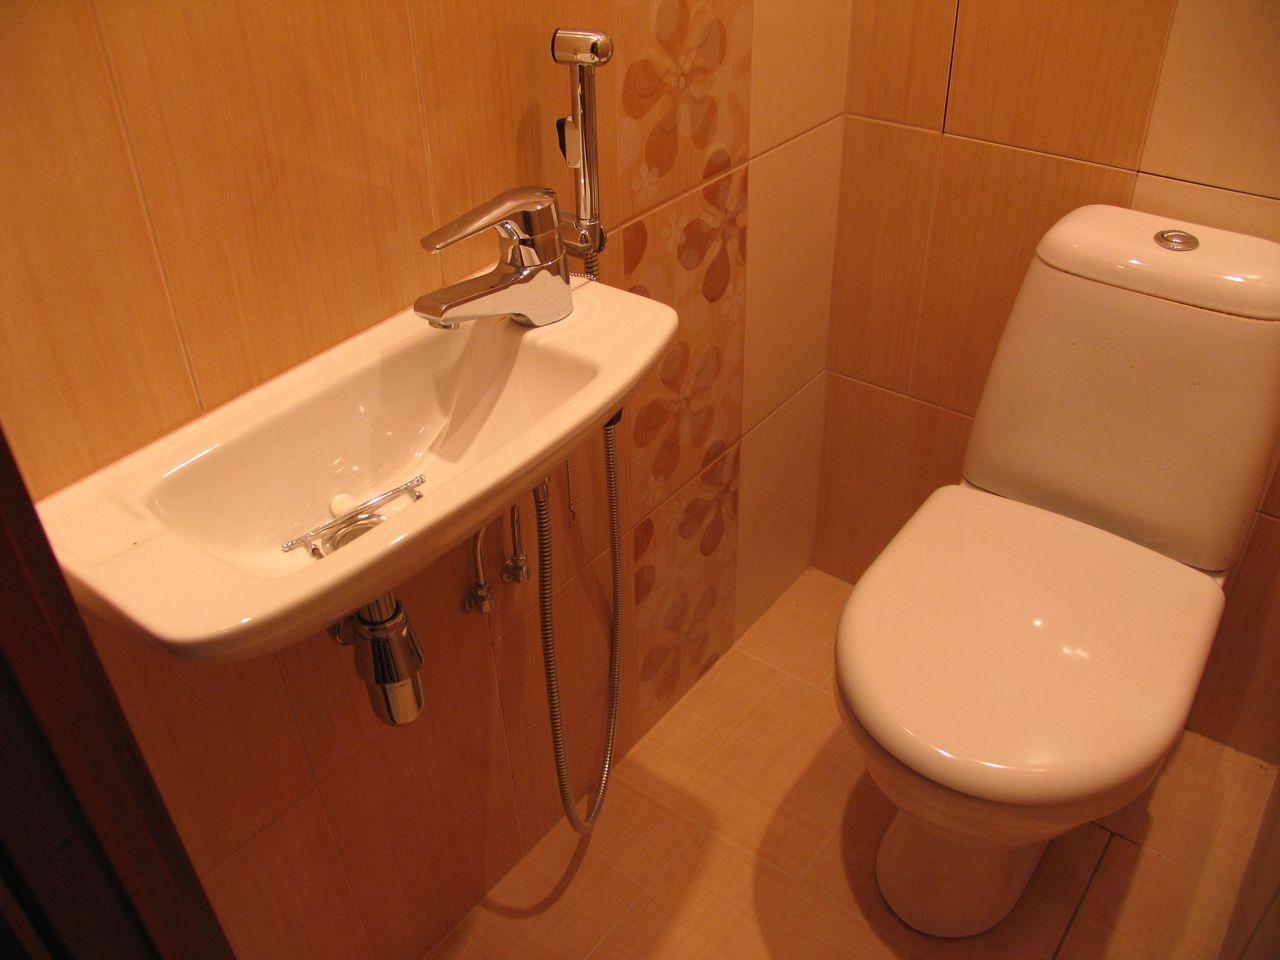 носить термобелье мини раковины для туалета изучайте состав